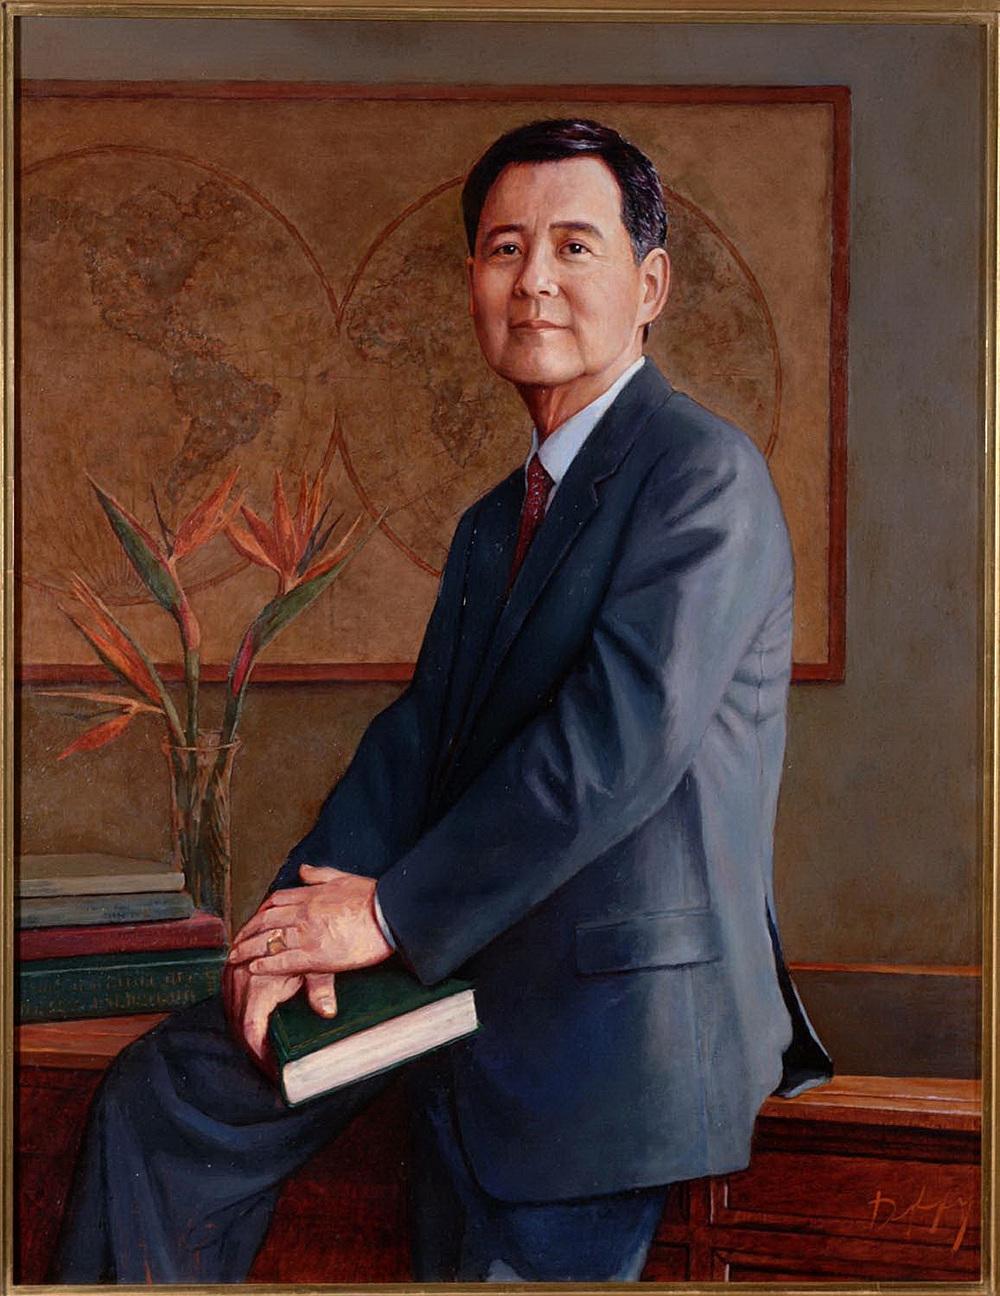 Frederick Choi, Dean, Stern